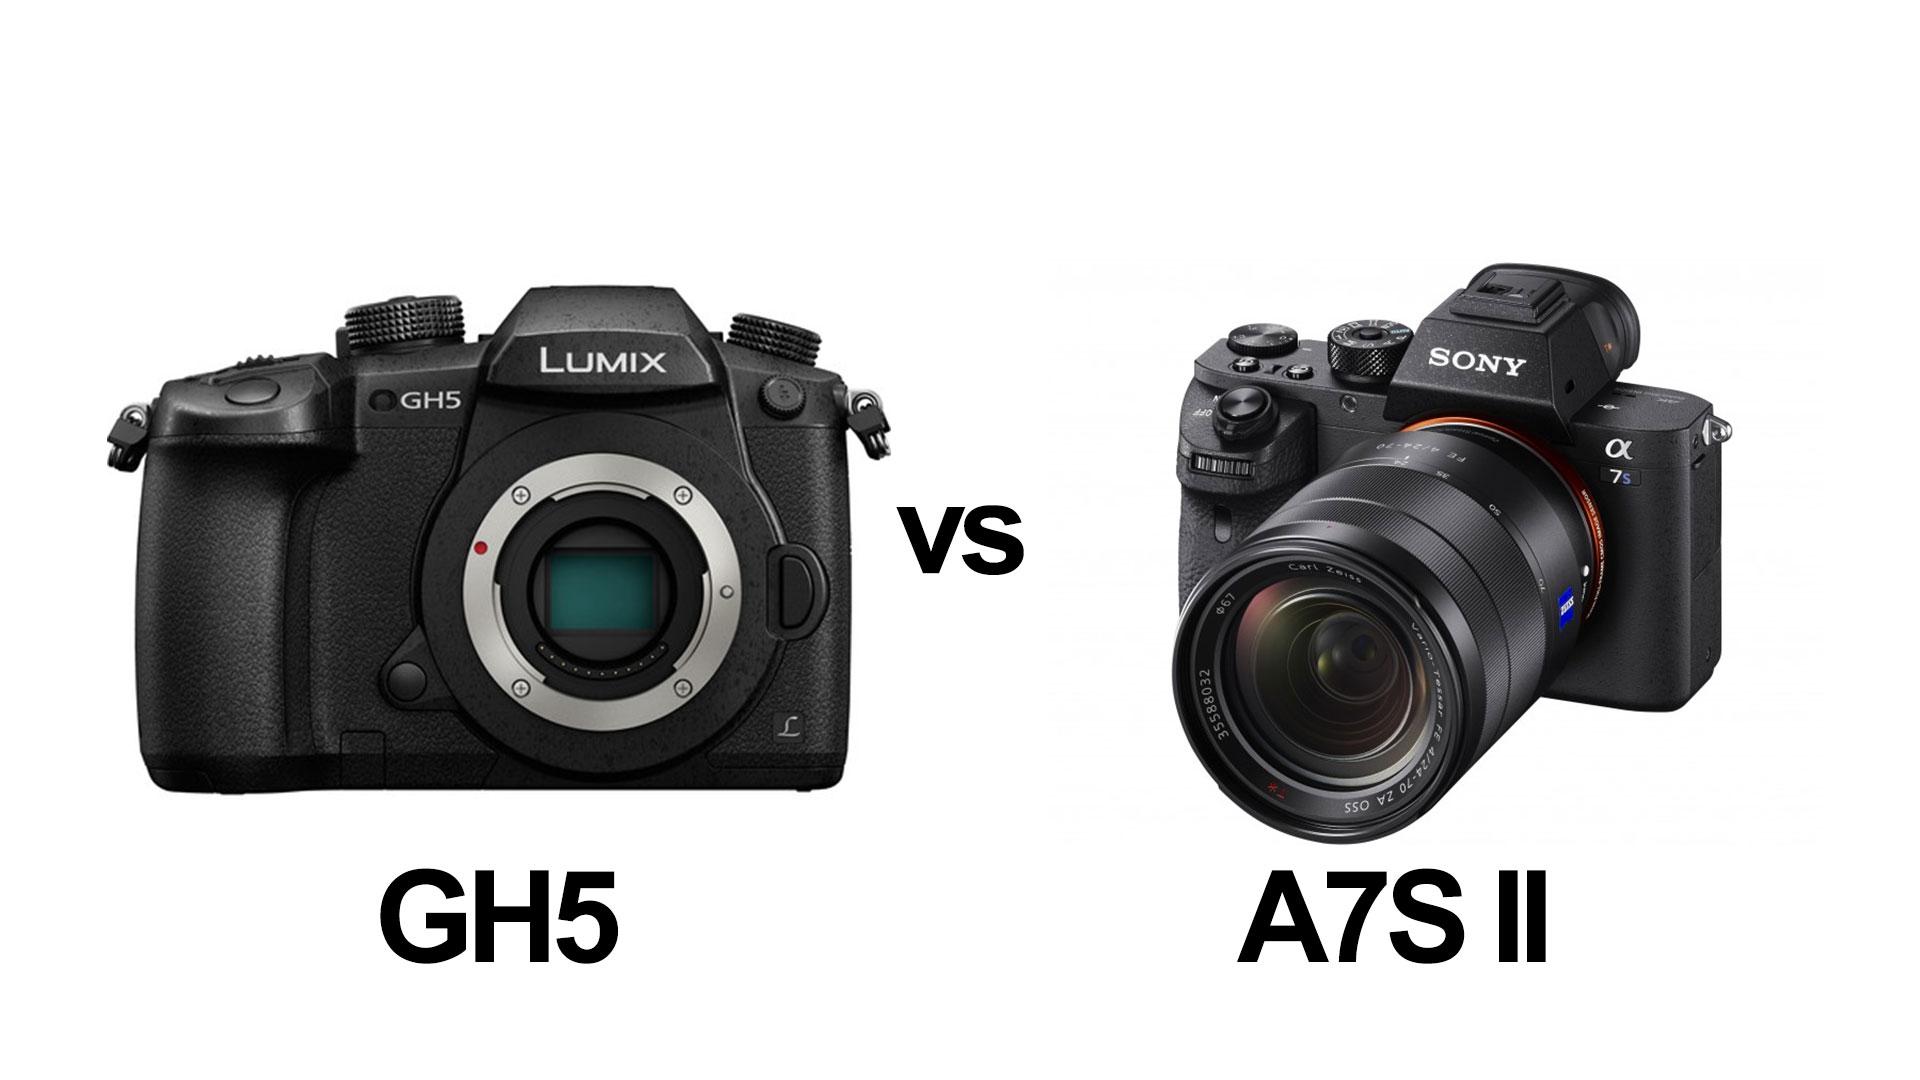 gh5-a7s-ii-video-camera-best